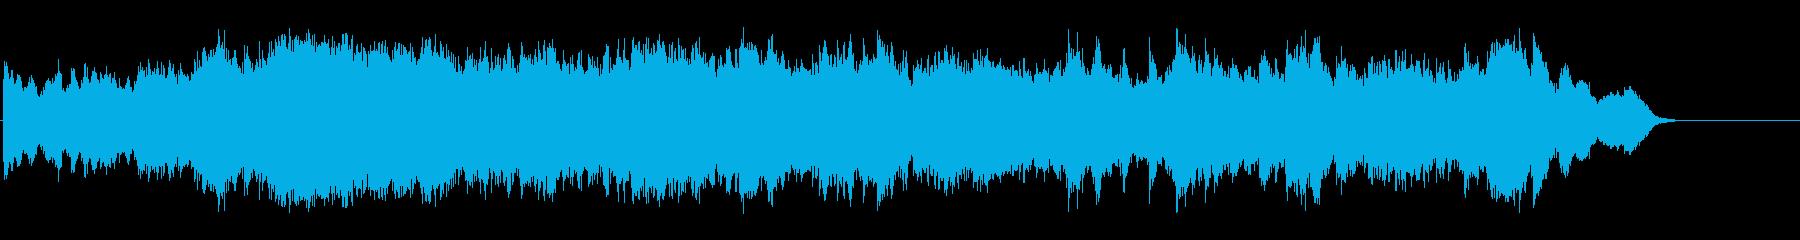 現代の竹取物語風な幻想的環境/ポップの再生済みの波形